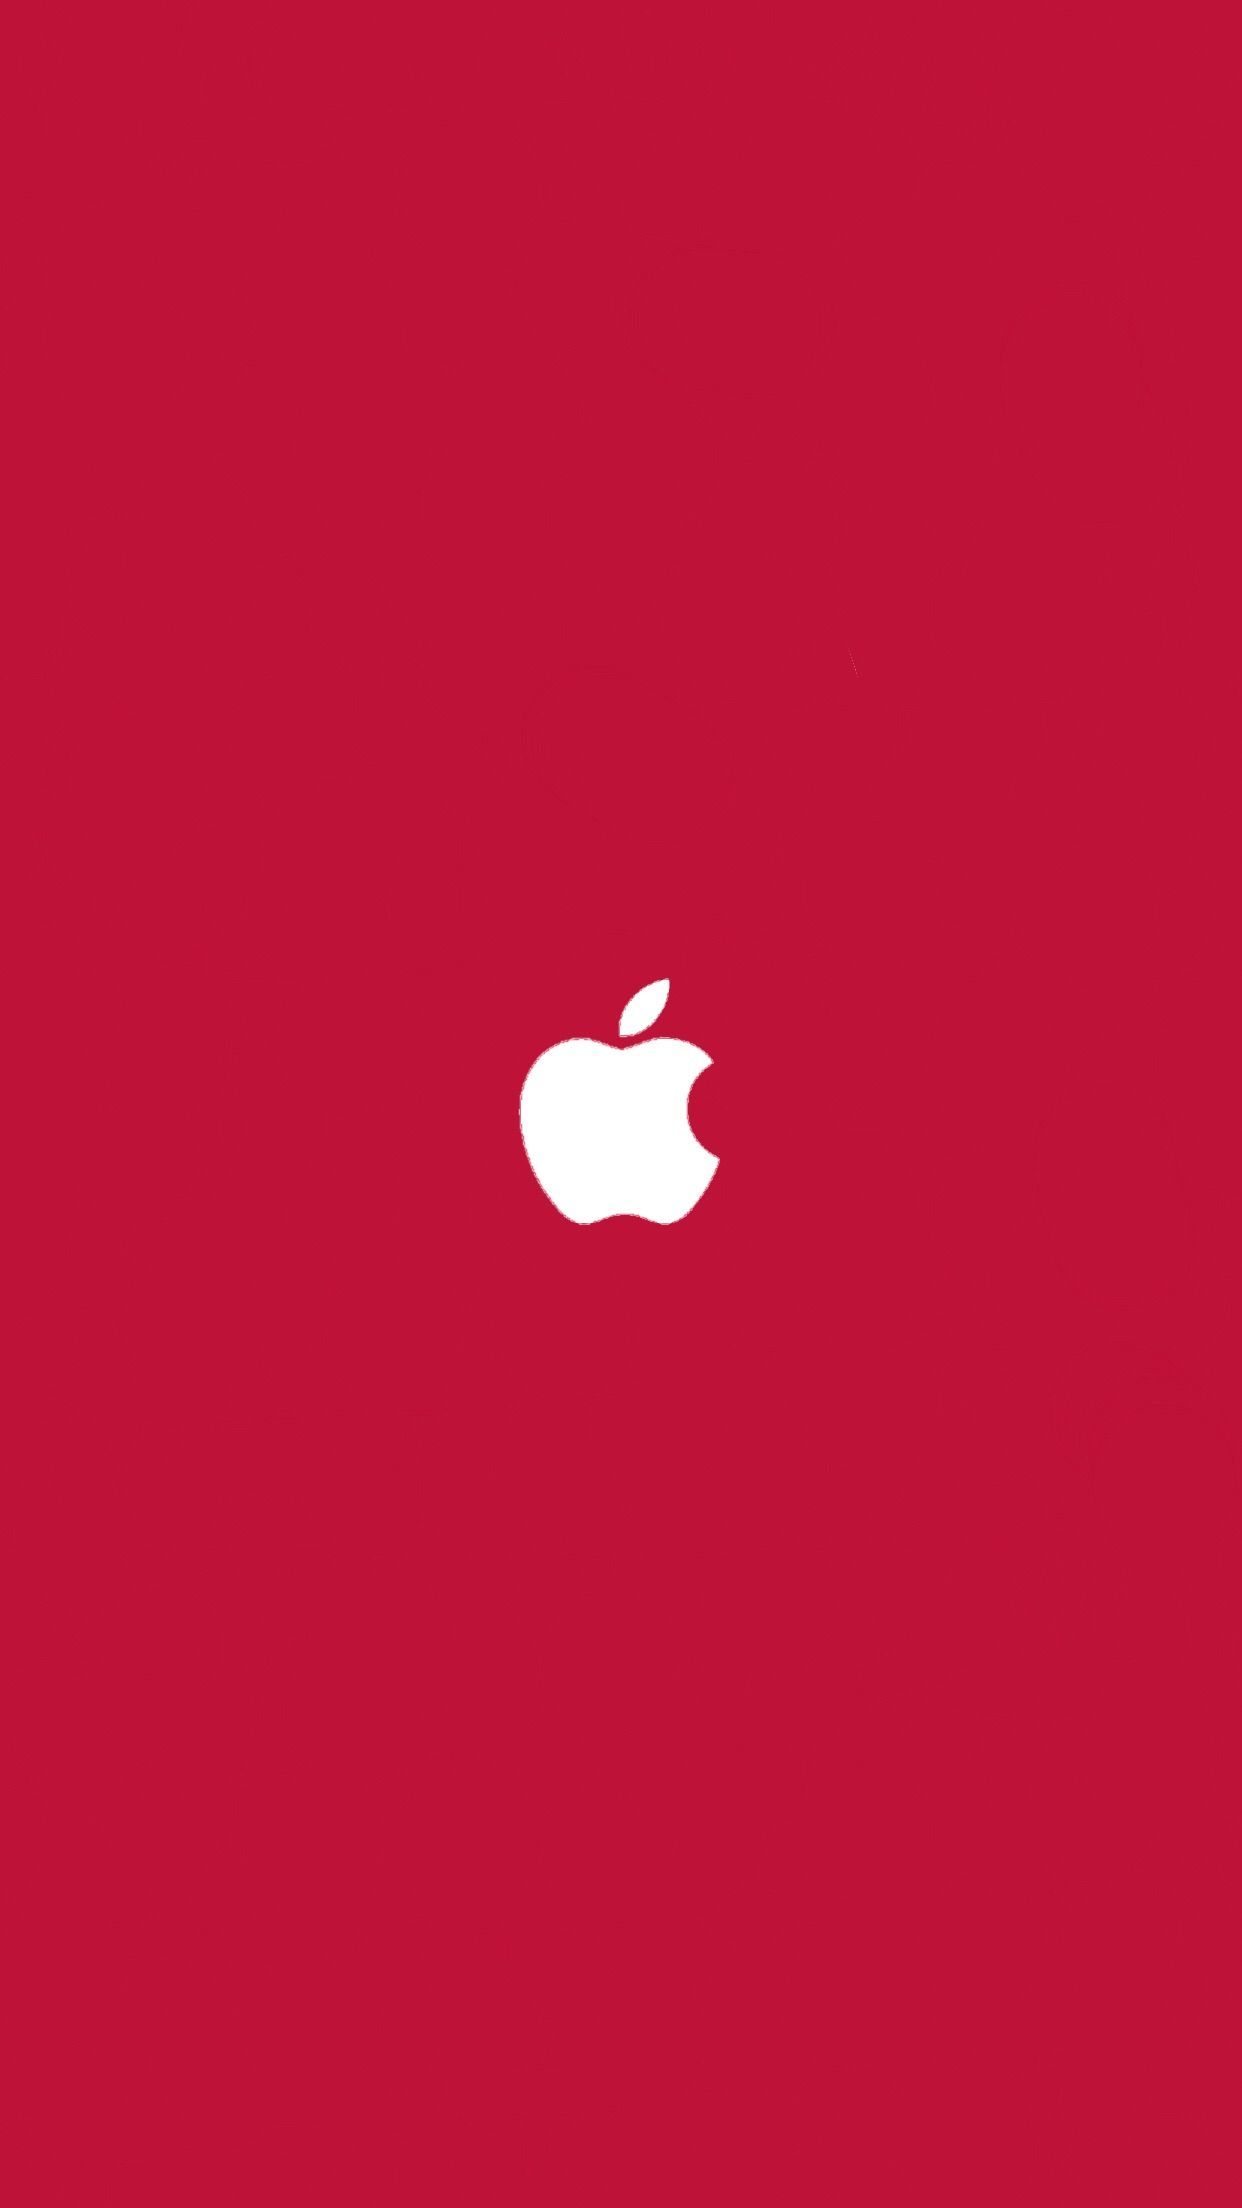 Fondo de pantalla rosado para iphone, Fondos de pantalla de iphone, Fo